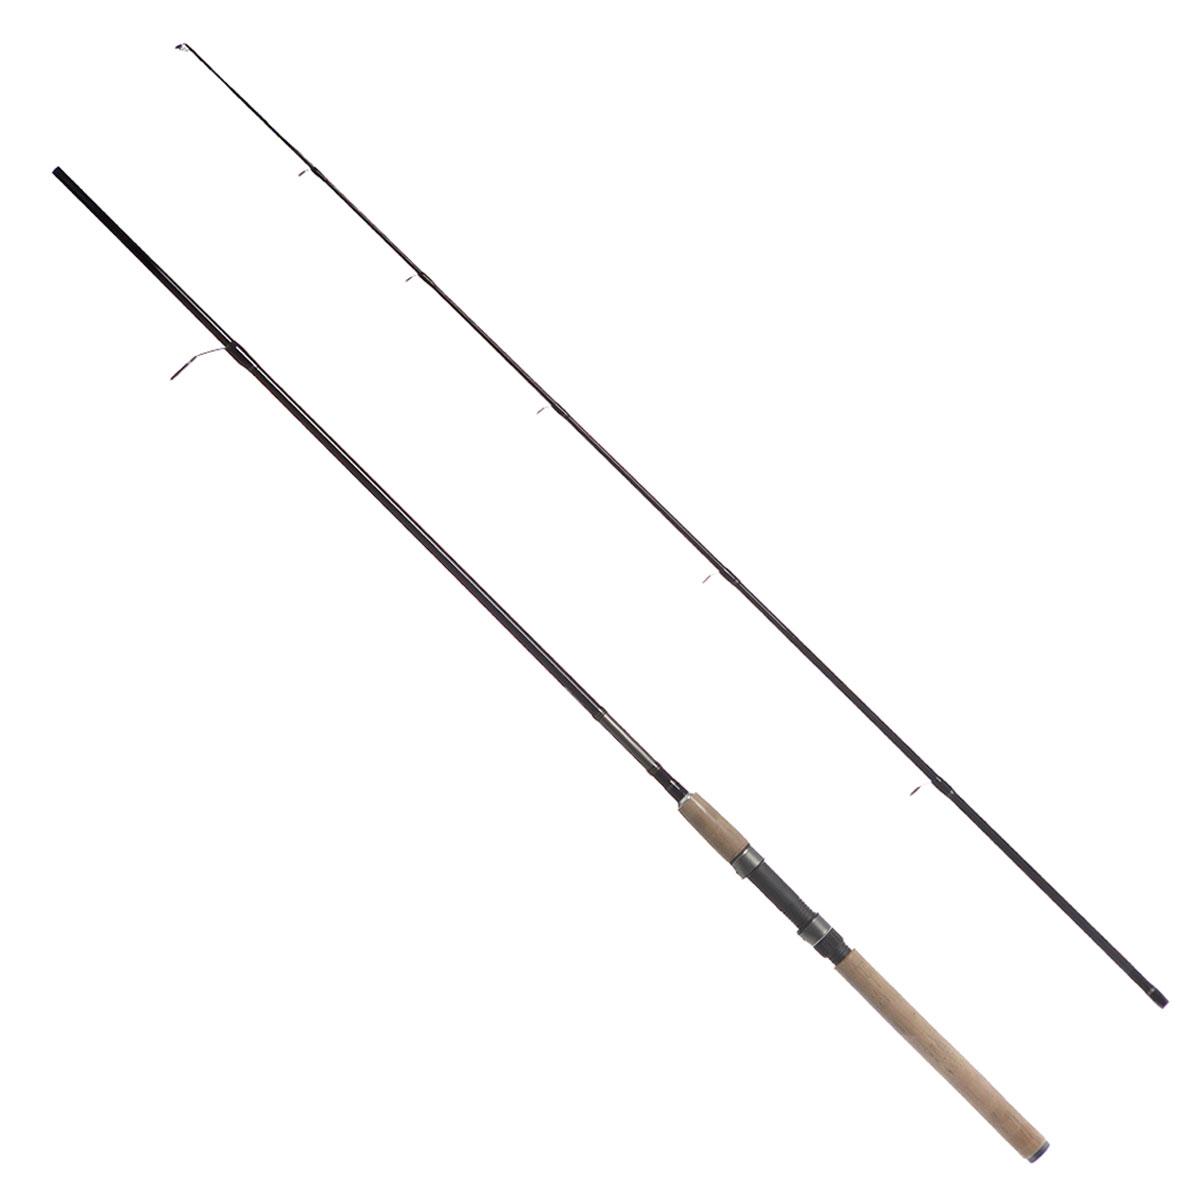 Спиннинг штекерный Daiwa Exceler-AR New, 2,13 м, 5-28 г